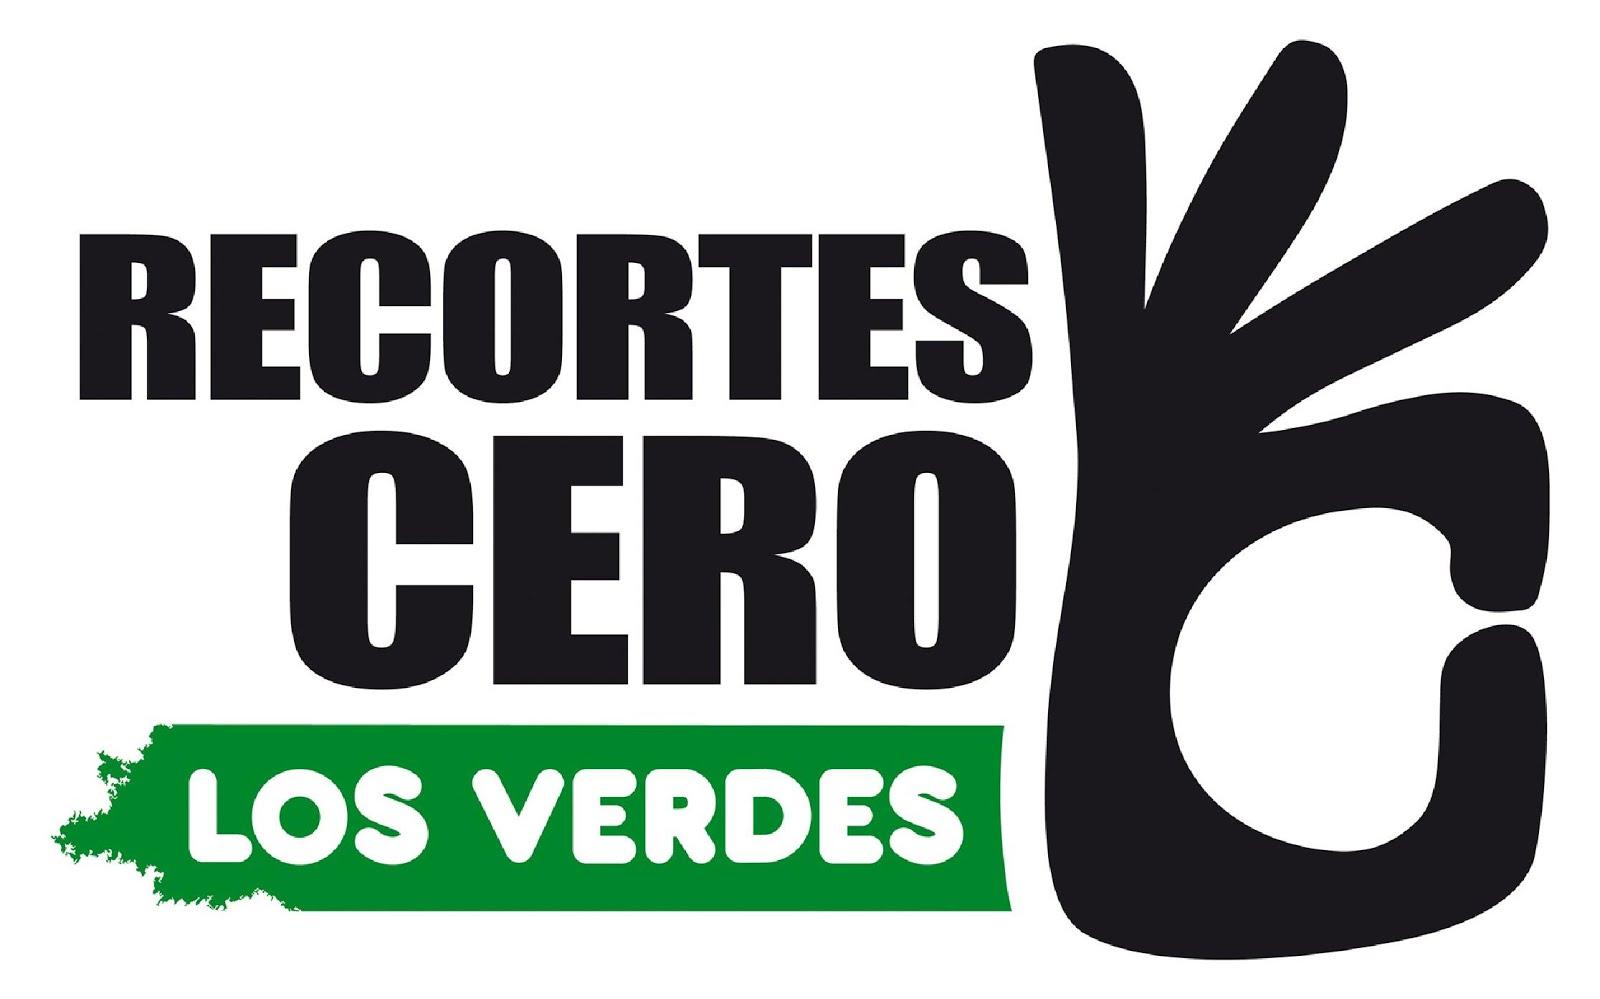 Recortes Cero - Los Verdes